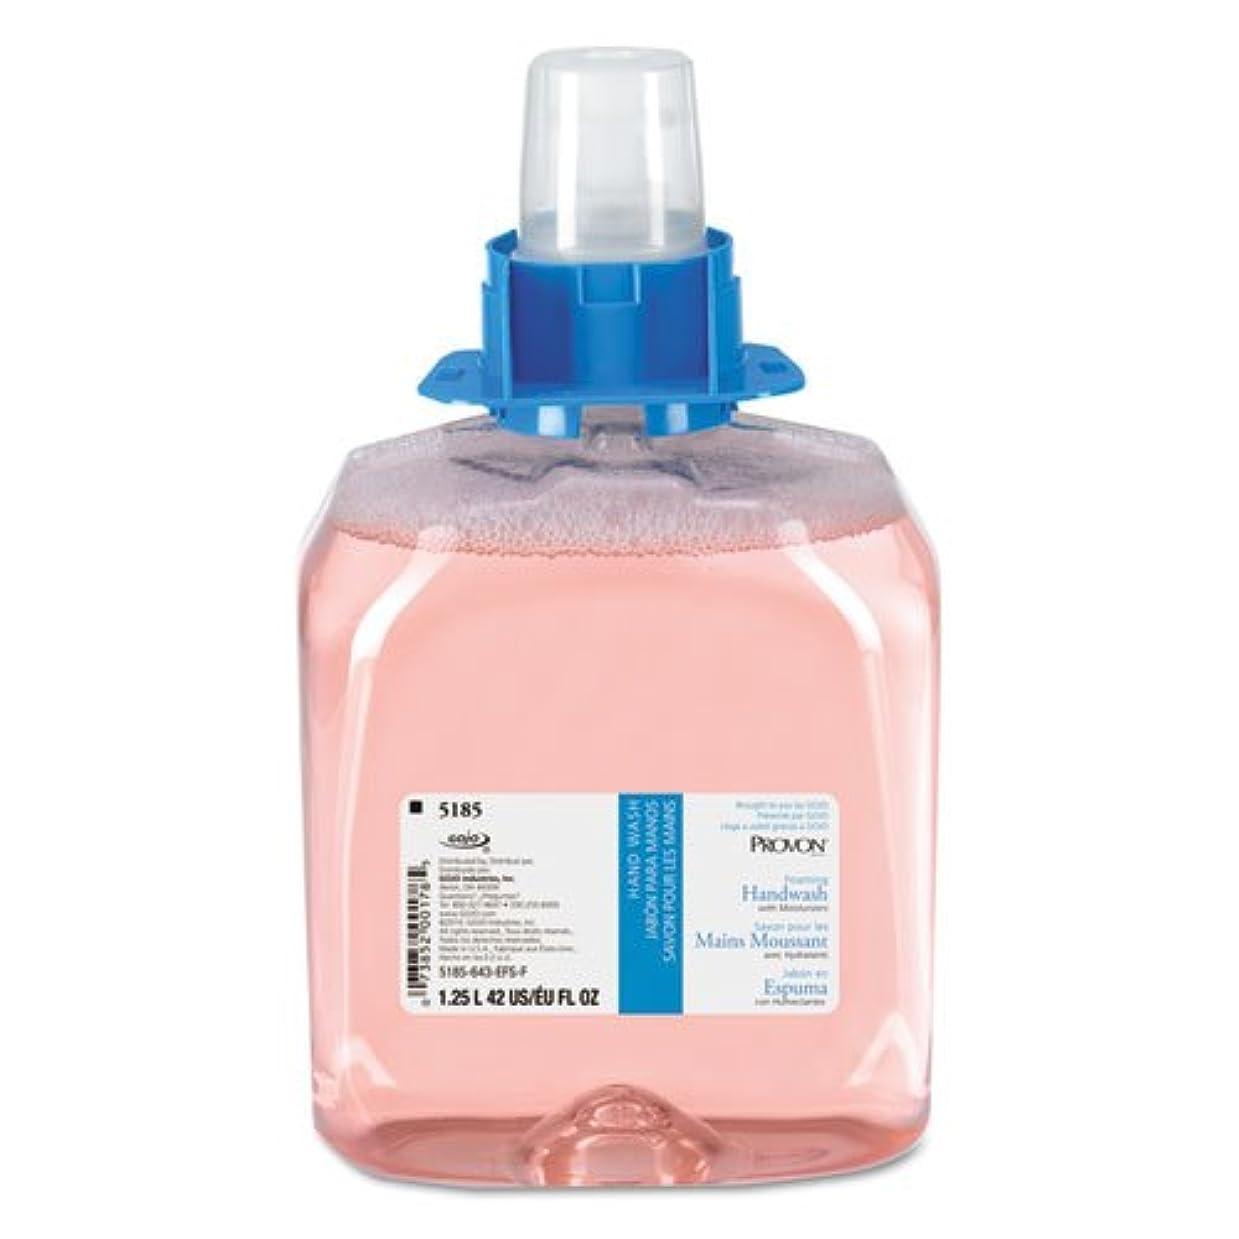 魅力的登録するブリッジgoj518503ct – GOJO PROVON fmx-12 Foaming Handwash Refill